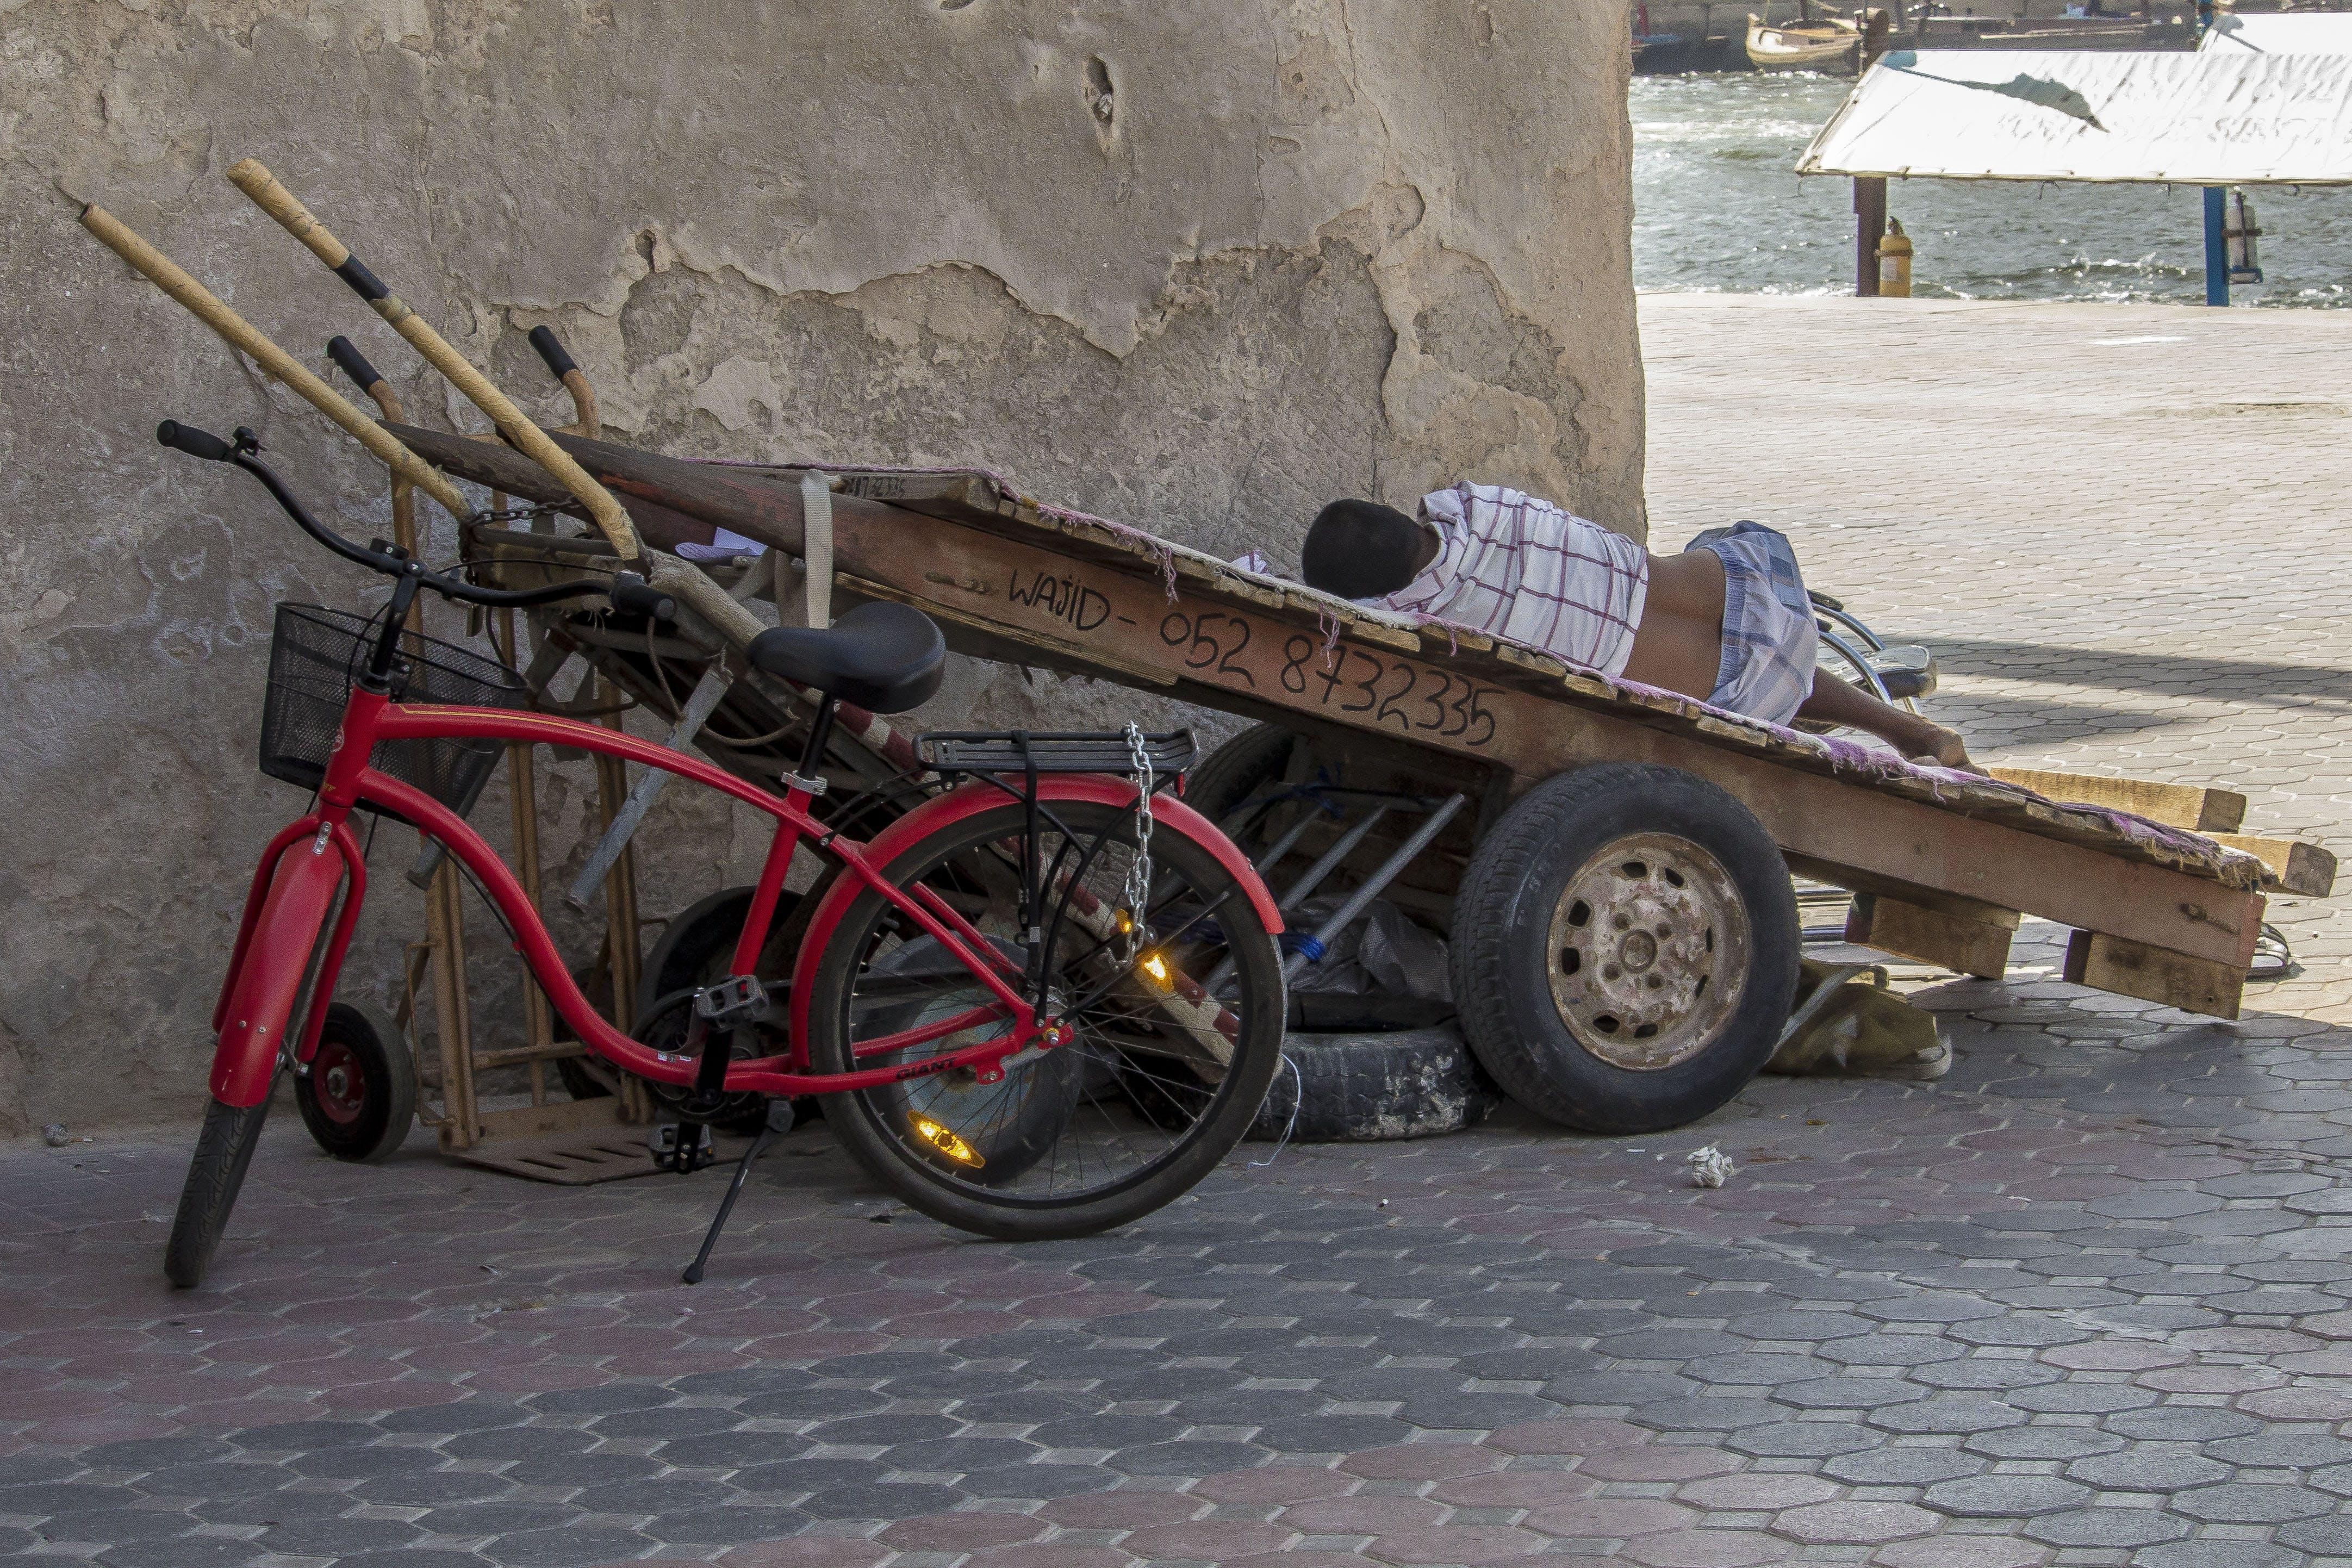 Kostenloses Stock Foto zu bicicletta, carro, dubai, emirates